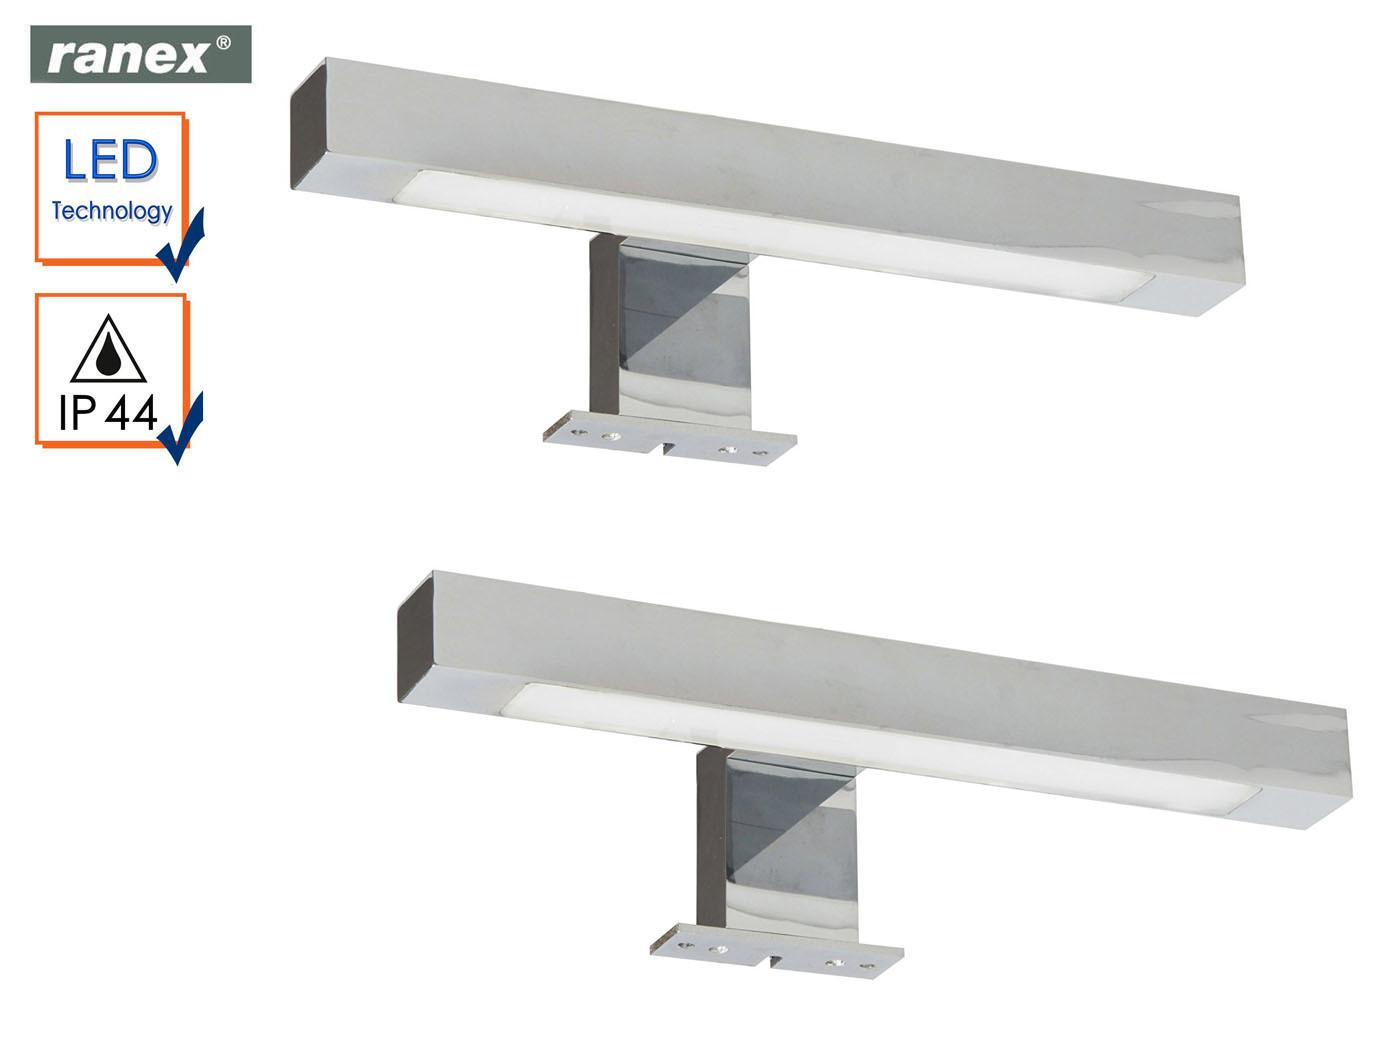 2er Set moderne, Chrom glänzende LED Spiegelleuchten fürs Badezimmer,  Badlampen